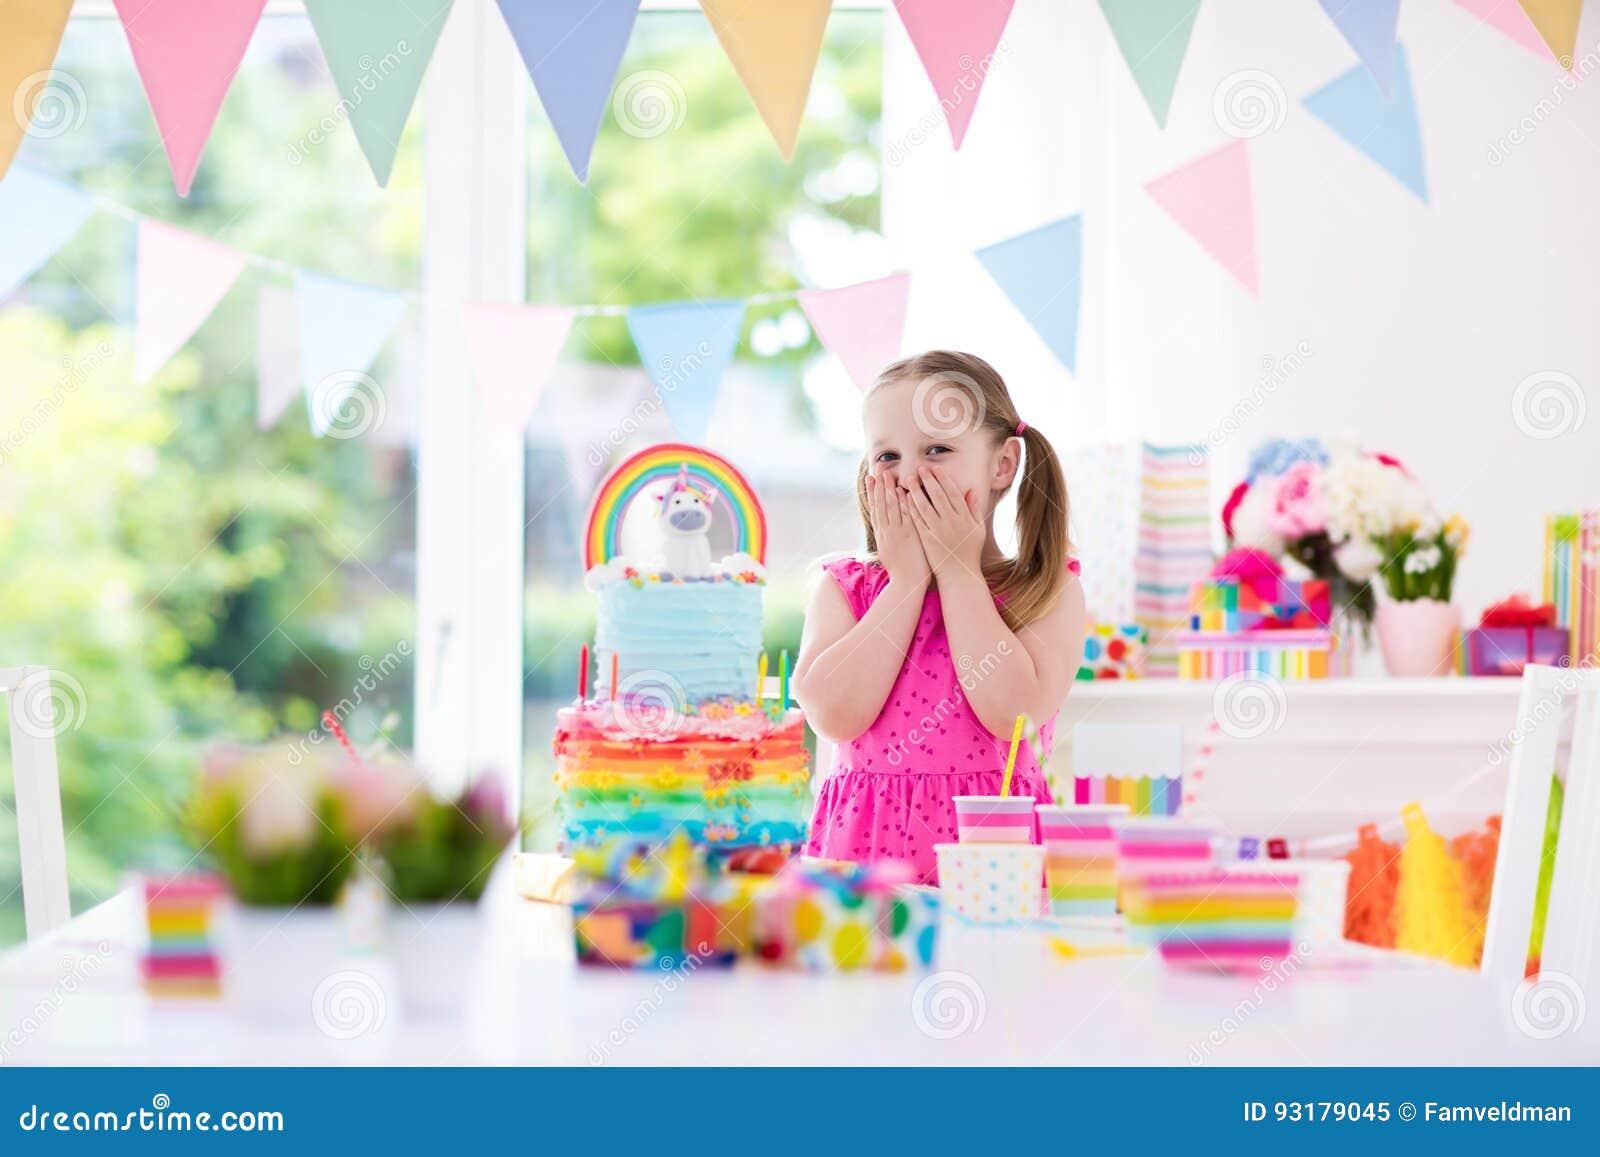 Scherzt Geburtstagsfeier Kleines Mädchen mit Kuchen